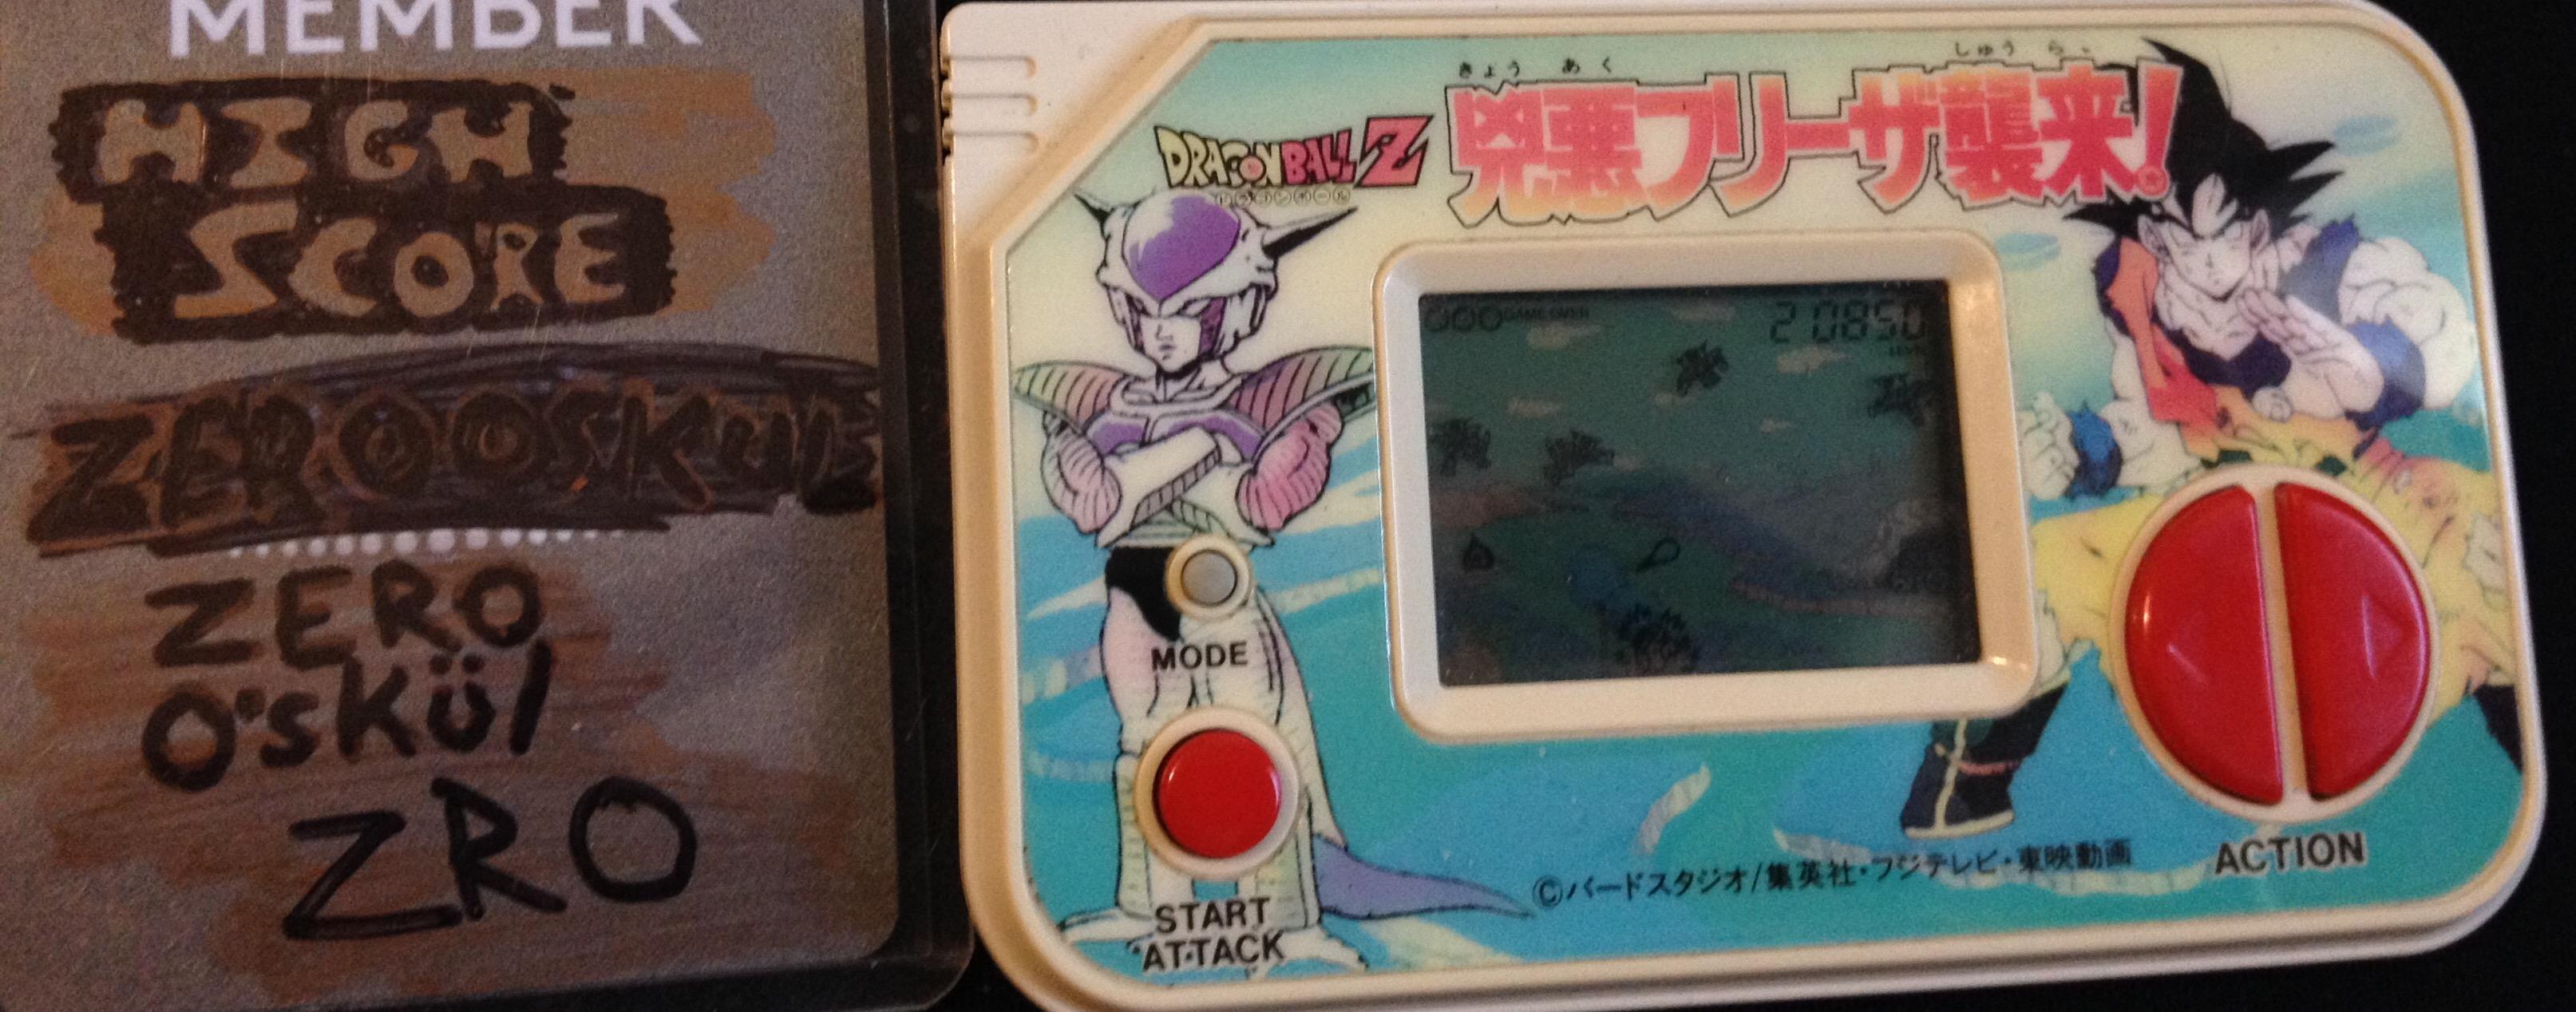 Dragon Ball Z: Ky?aku Freeza Sh?rai! [Level 1] 20,850 points